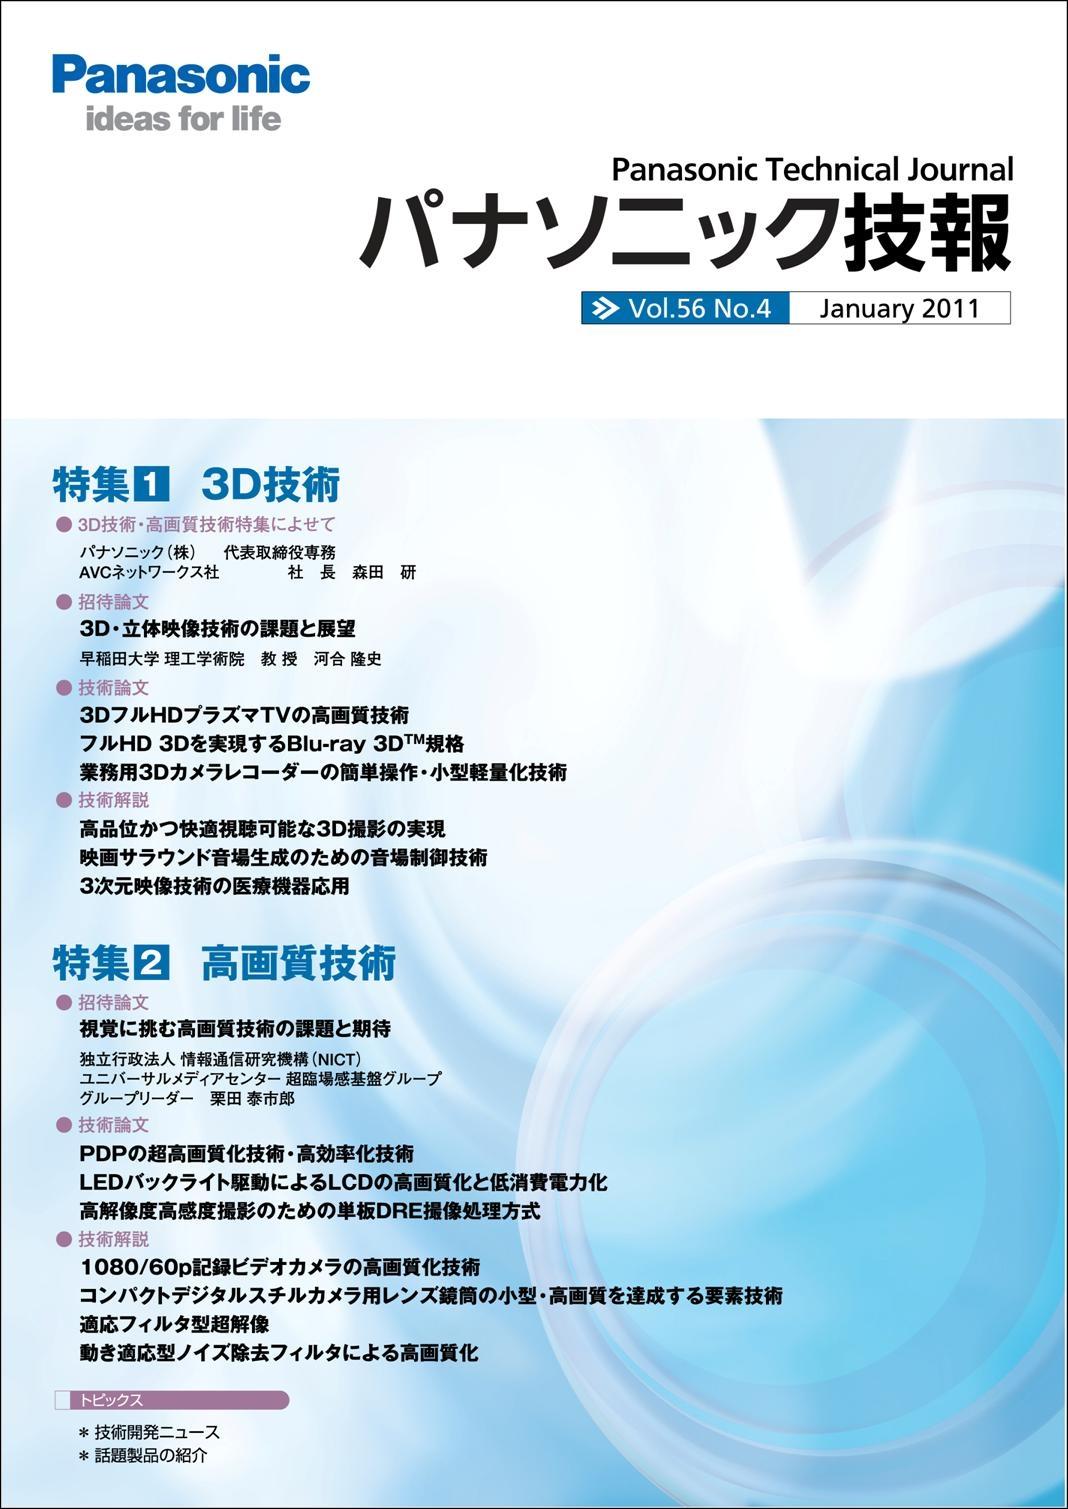 パナソニック技報:【1月号】JANUARY 2011 Vol.56 No.4